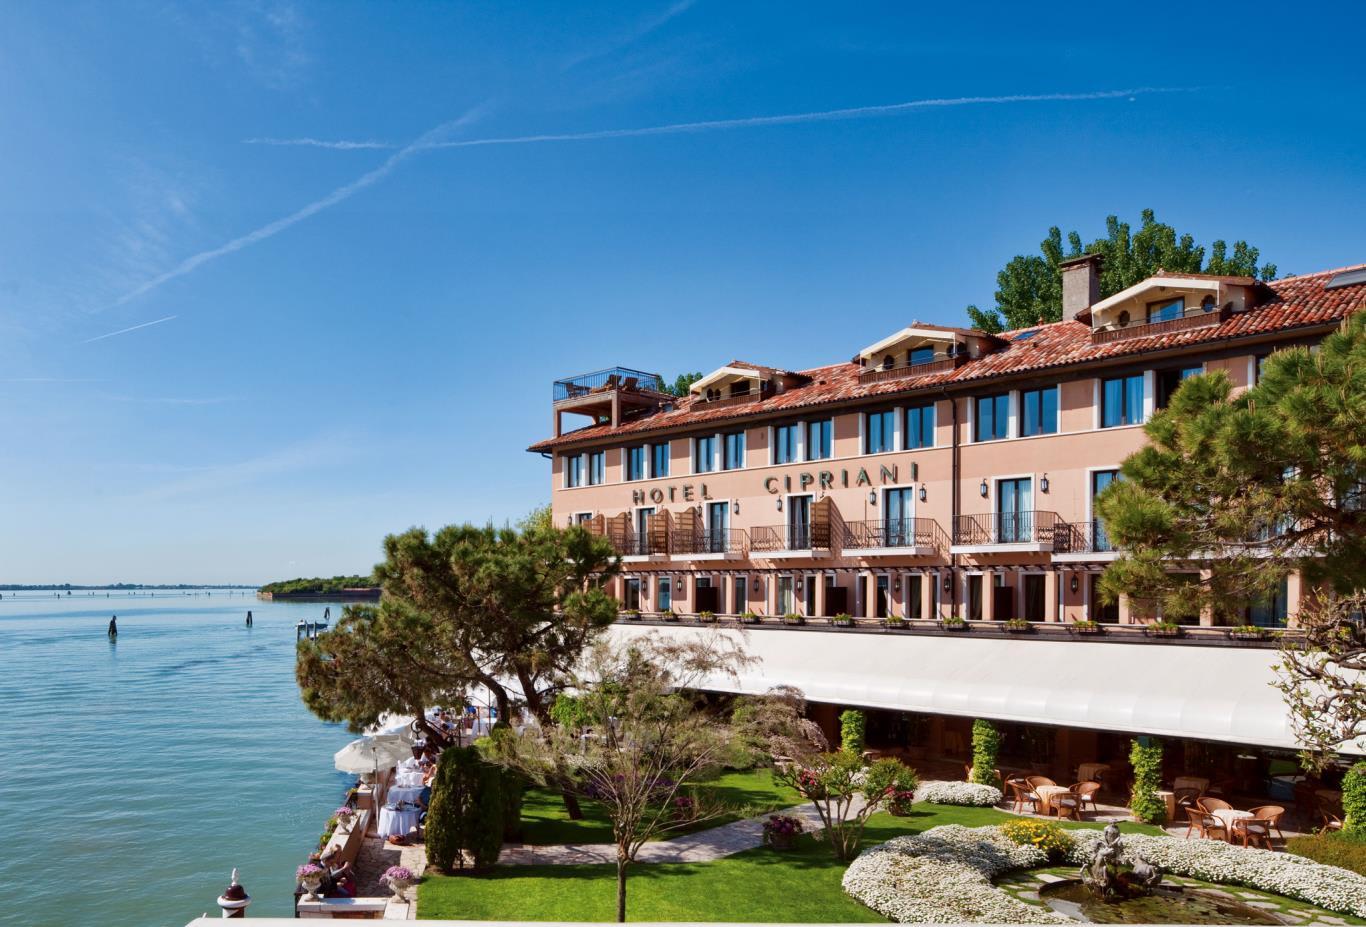 Hotel Cipriani Facade